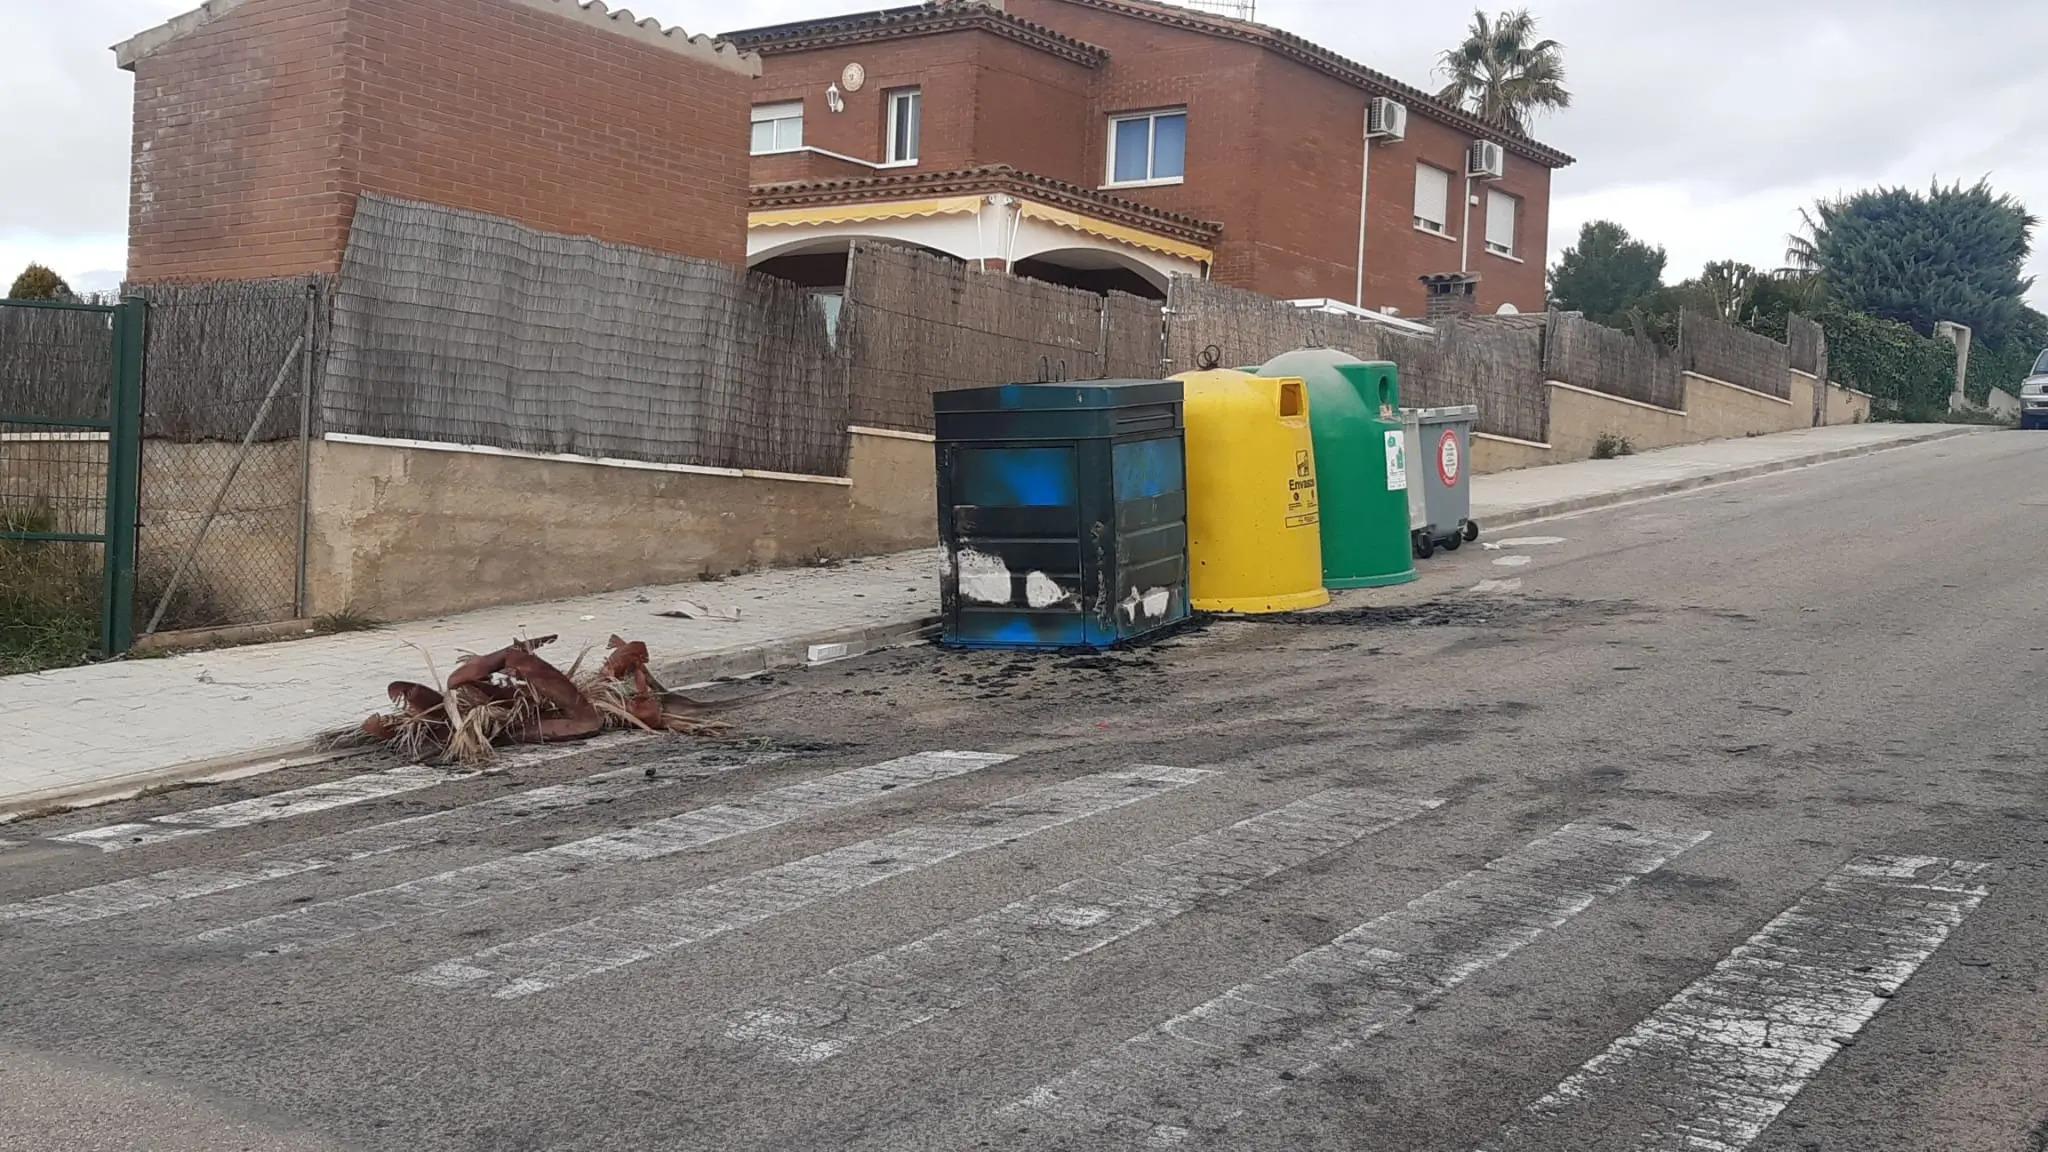 Contenidors cremats a Cunit després d'una nit de festa   ACN